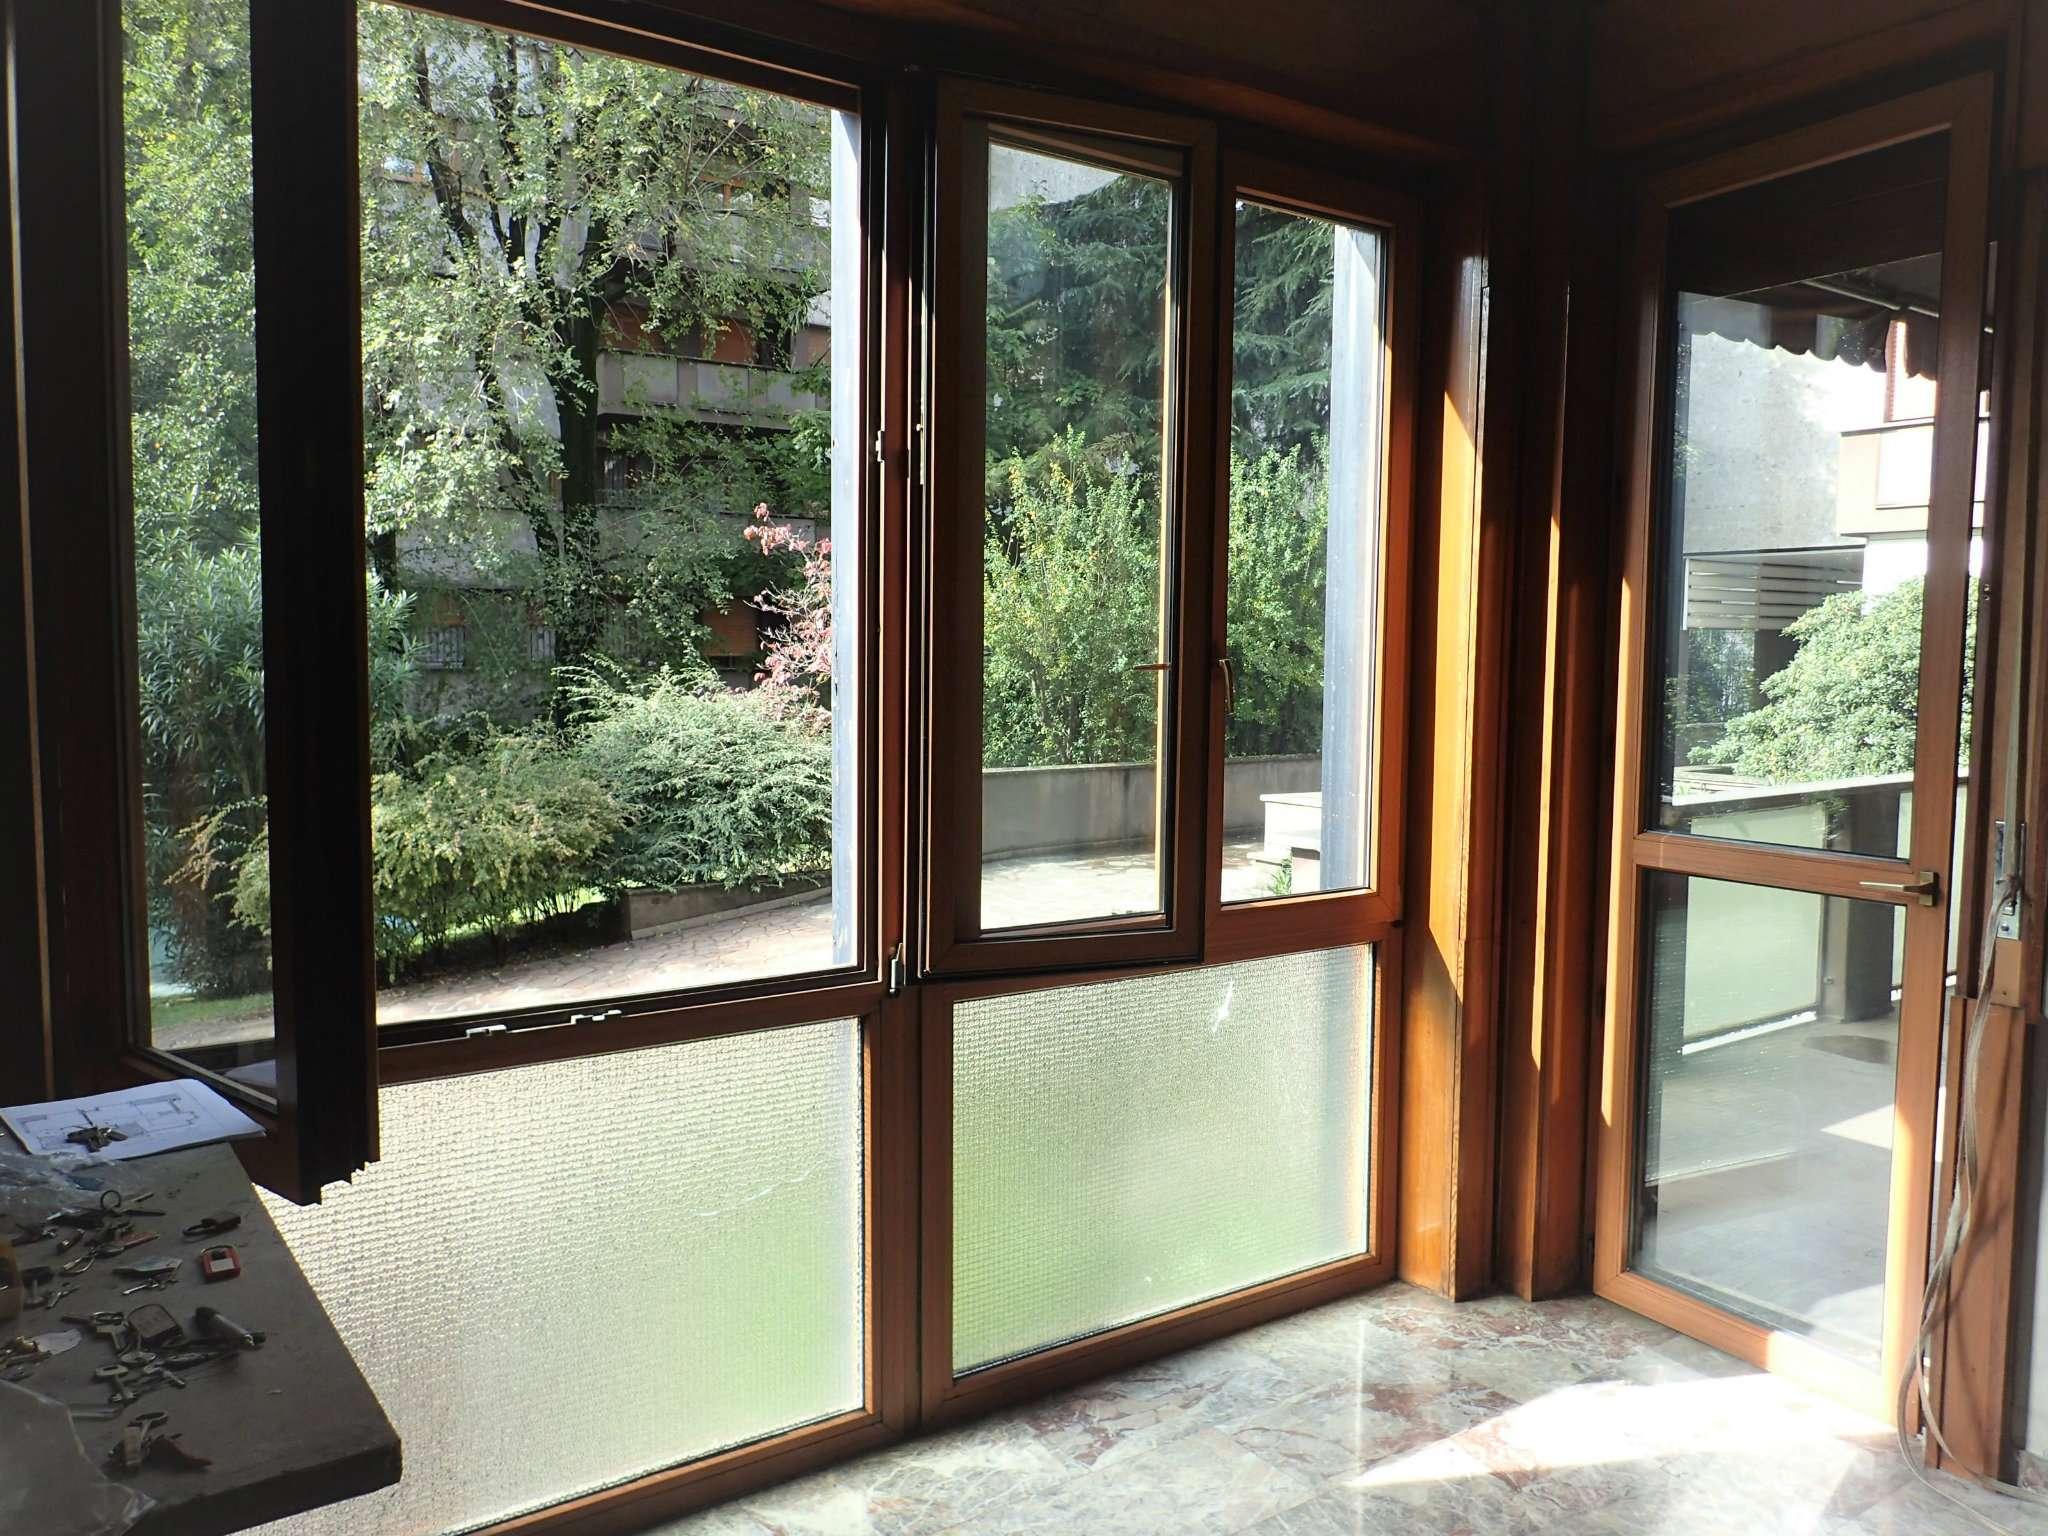 Appartamento in Vendita a Milano 09 Ceresio / Procaccini / Foro Bonaparte: 4 locali, 135 mq